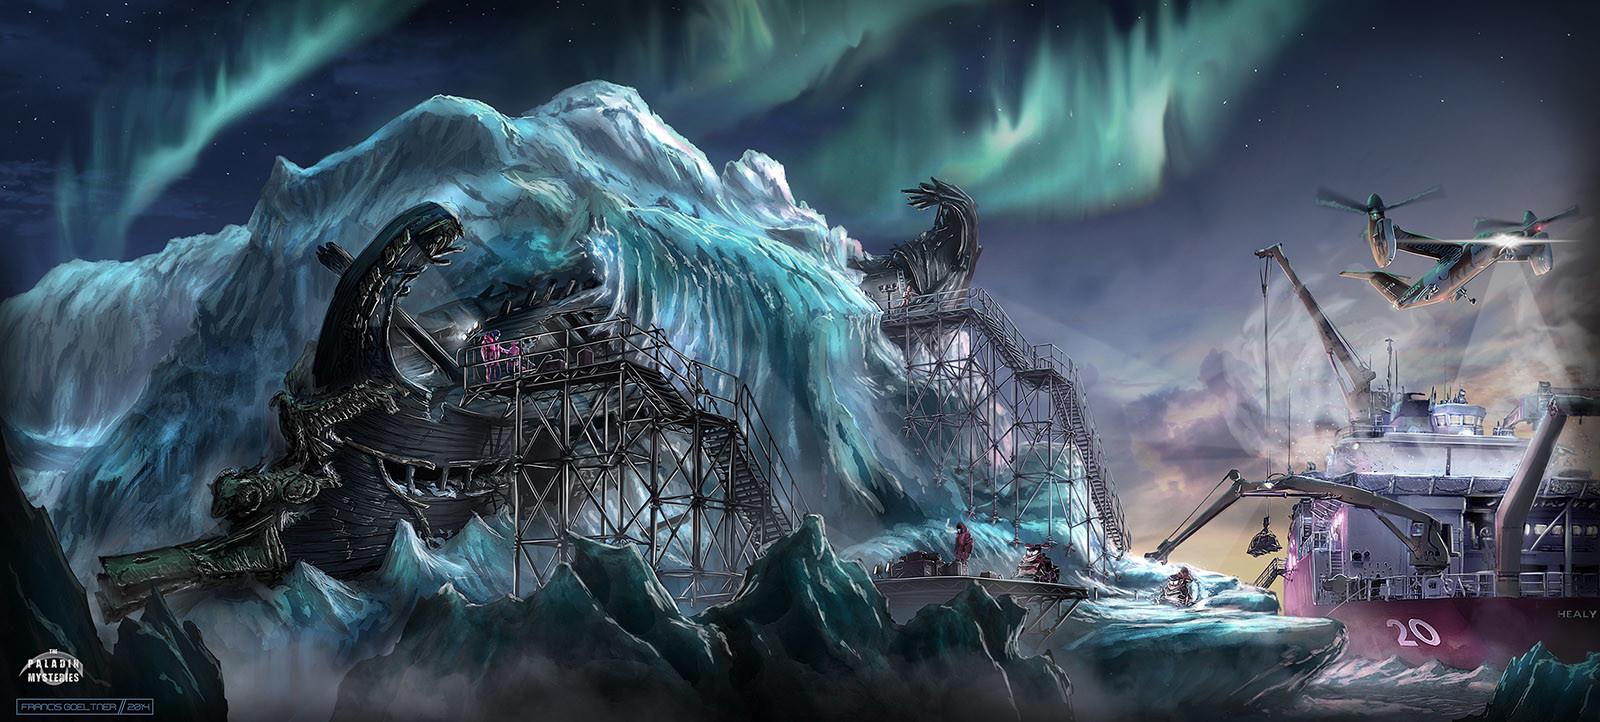 Davis Strait - Frozen Warship